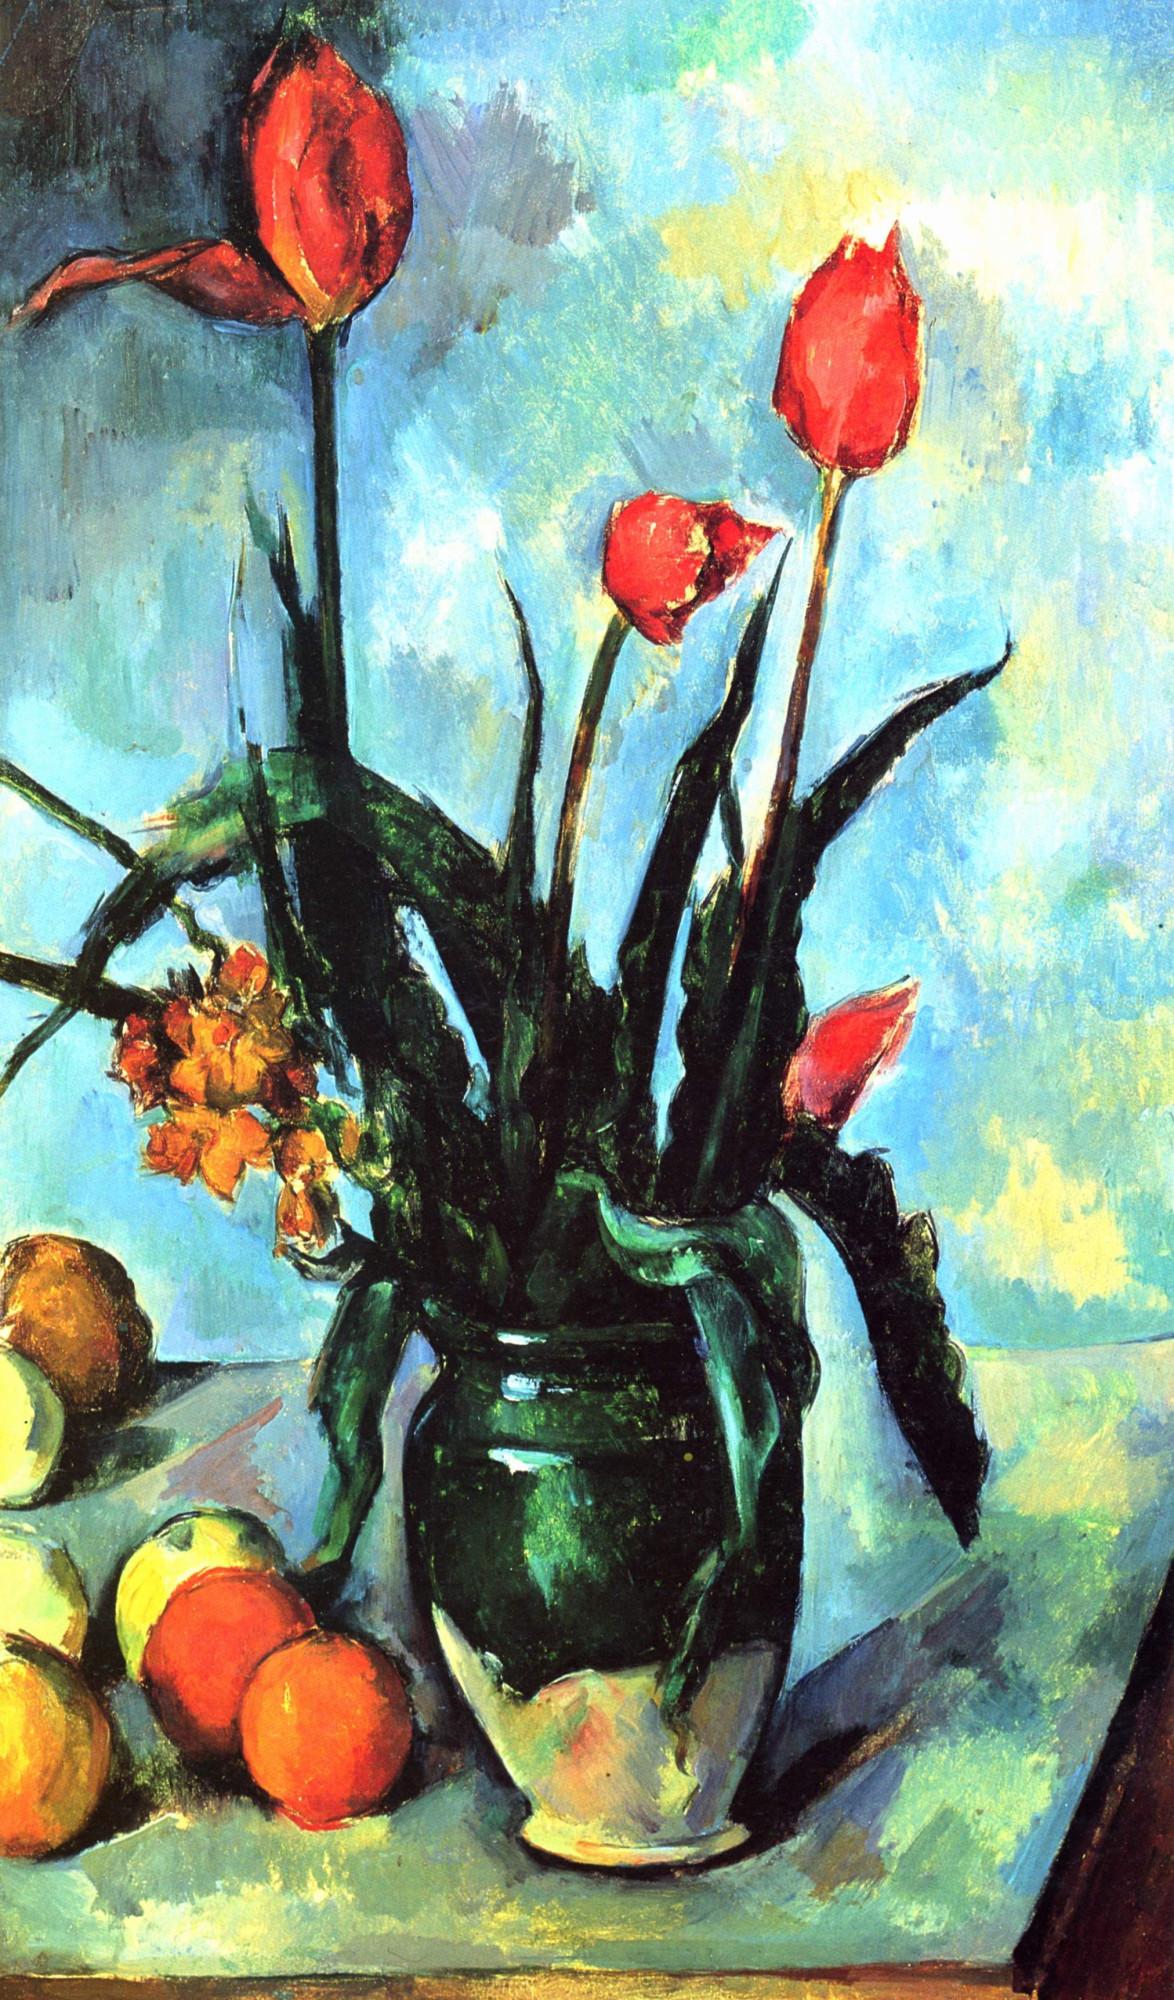 Поль Сезанн, «Тюльпаны в вазе» 1892 Norton Simon Museum, Pasadena, CA, USA